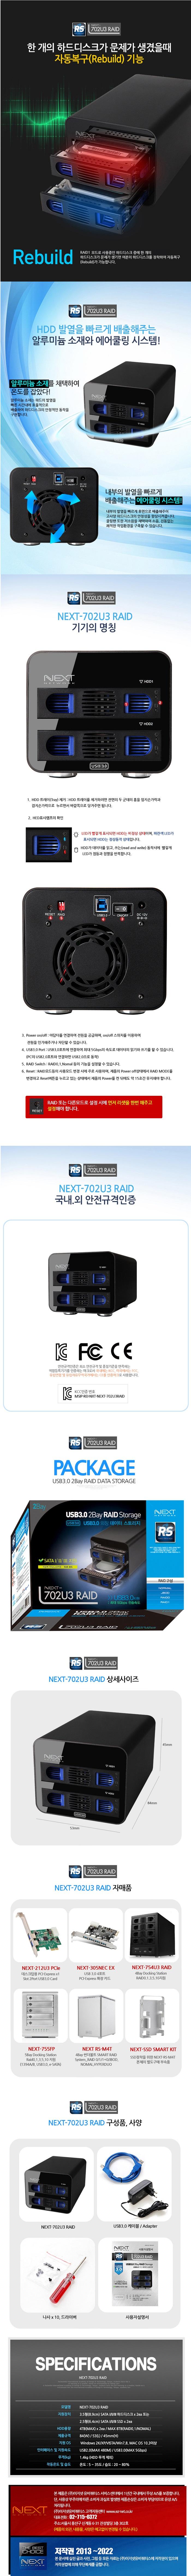 이지넷유비쿼터스 넥스트 NEXT-702U3 RAID (28TB)